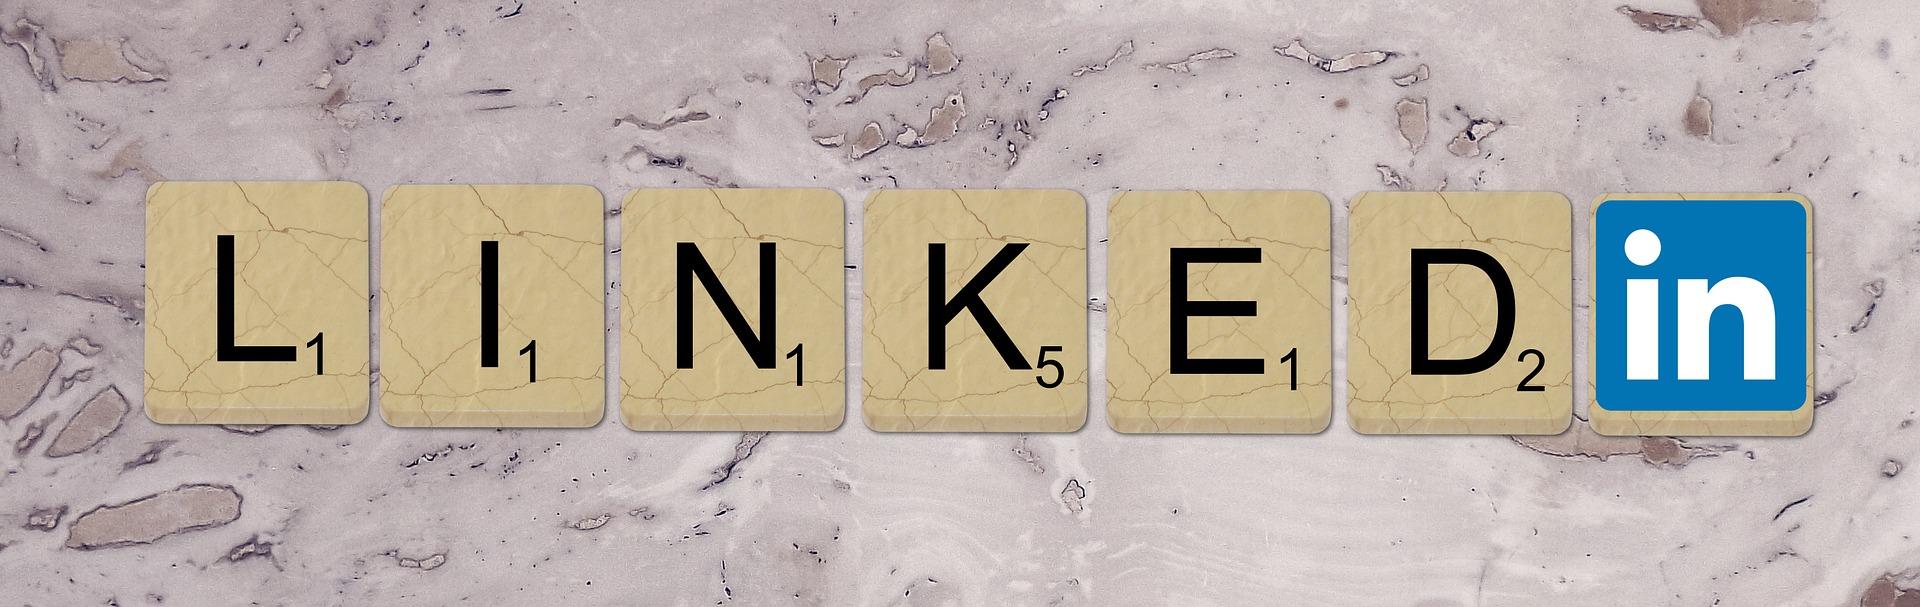 LinkedIn työnhaussa - vinkkejä LinkedIn:n käyttöön työnhaussa